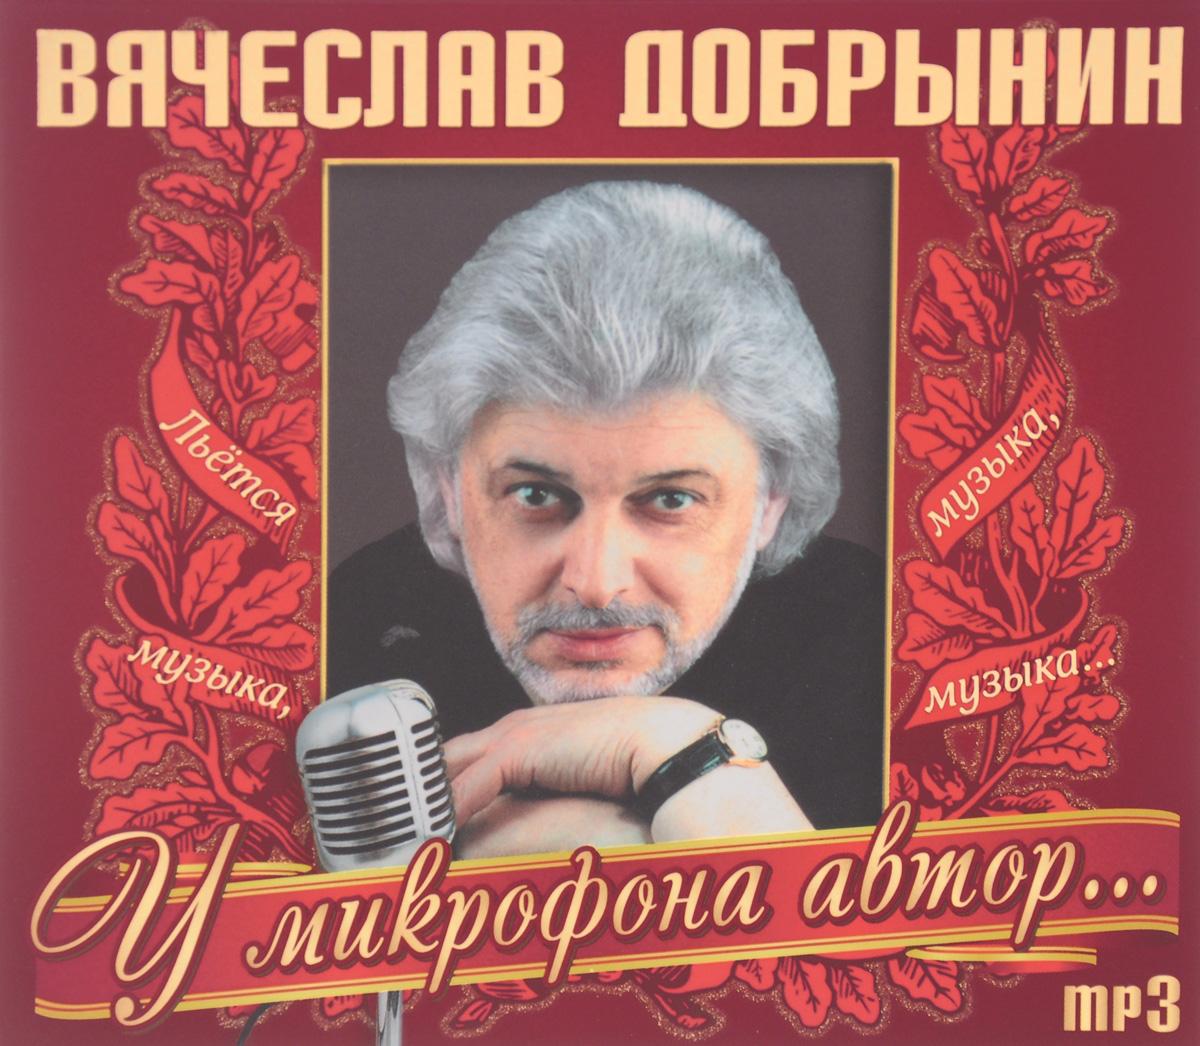 Вячеслав Добрынин. Льется музыка, музыка, музыка... (mp3) 2011 MP3 CD